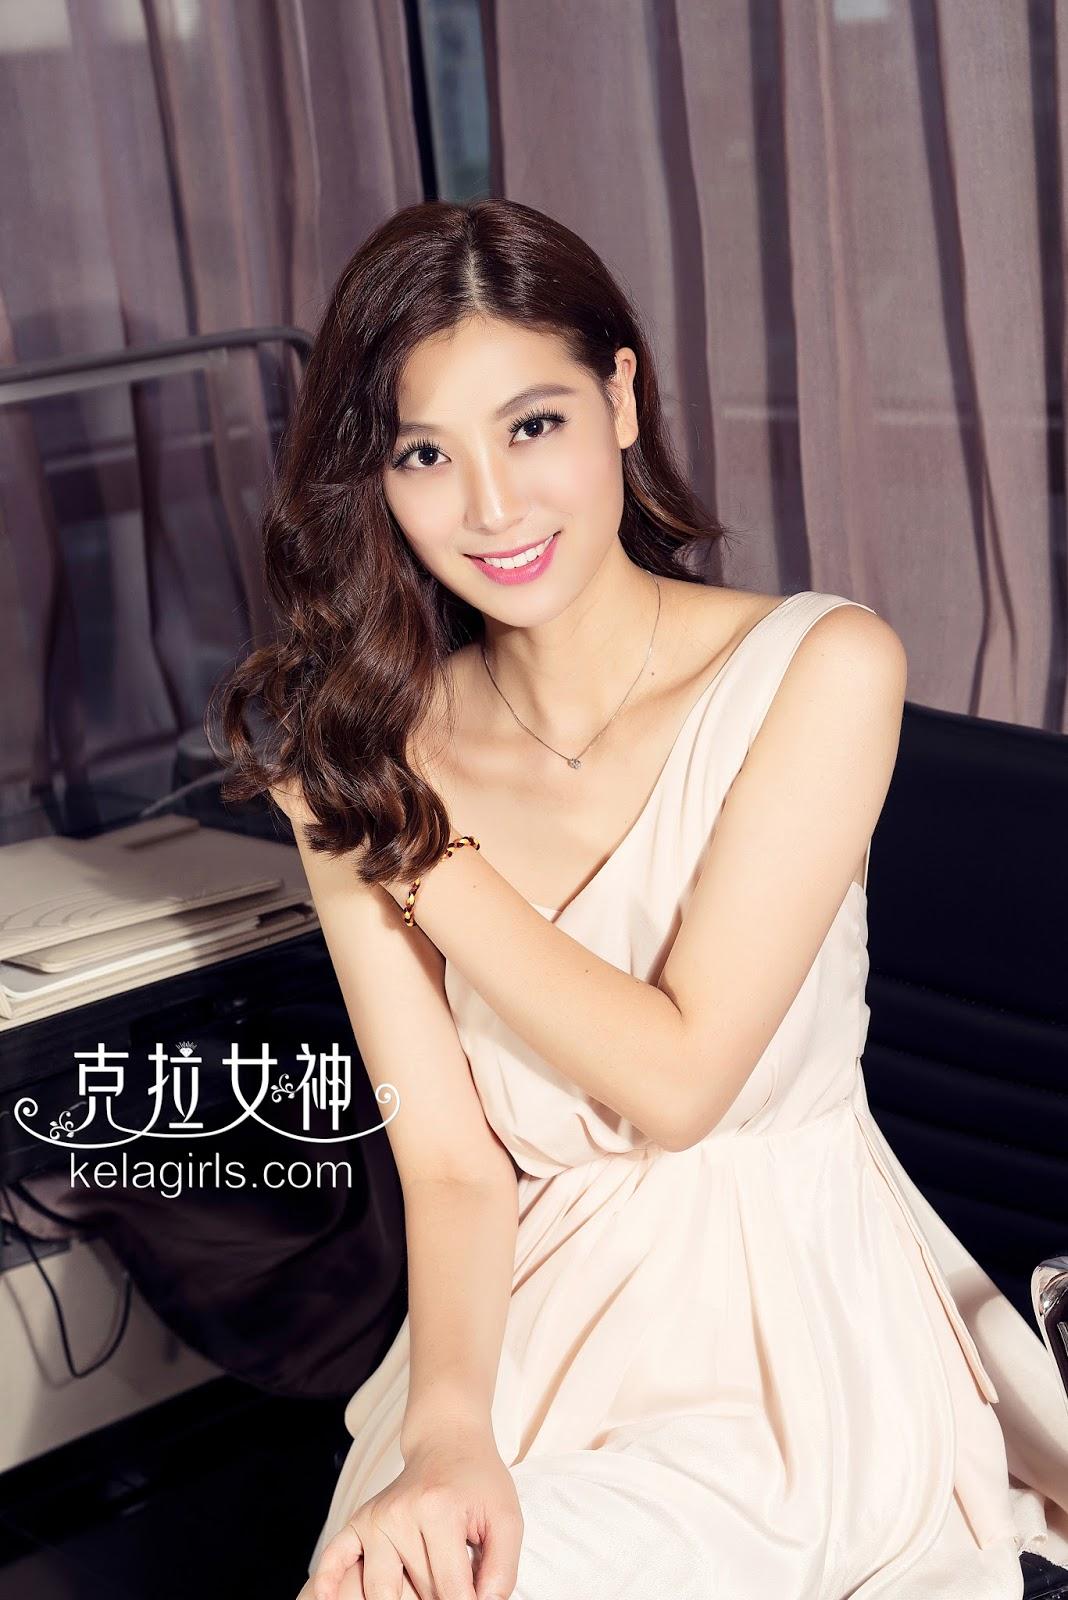 KelaGirls 2017-04-07 Meng Jun (26 pics)